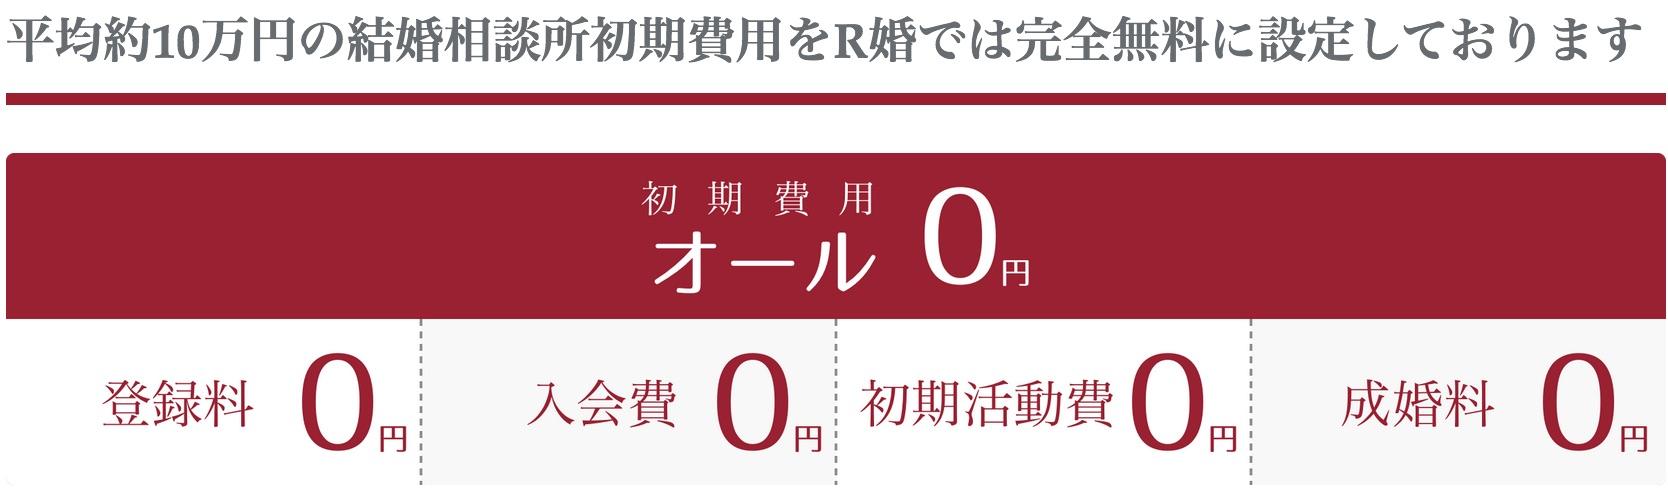 初期費用オール0円のイメージ